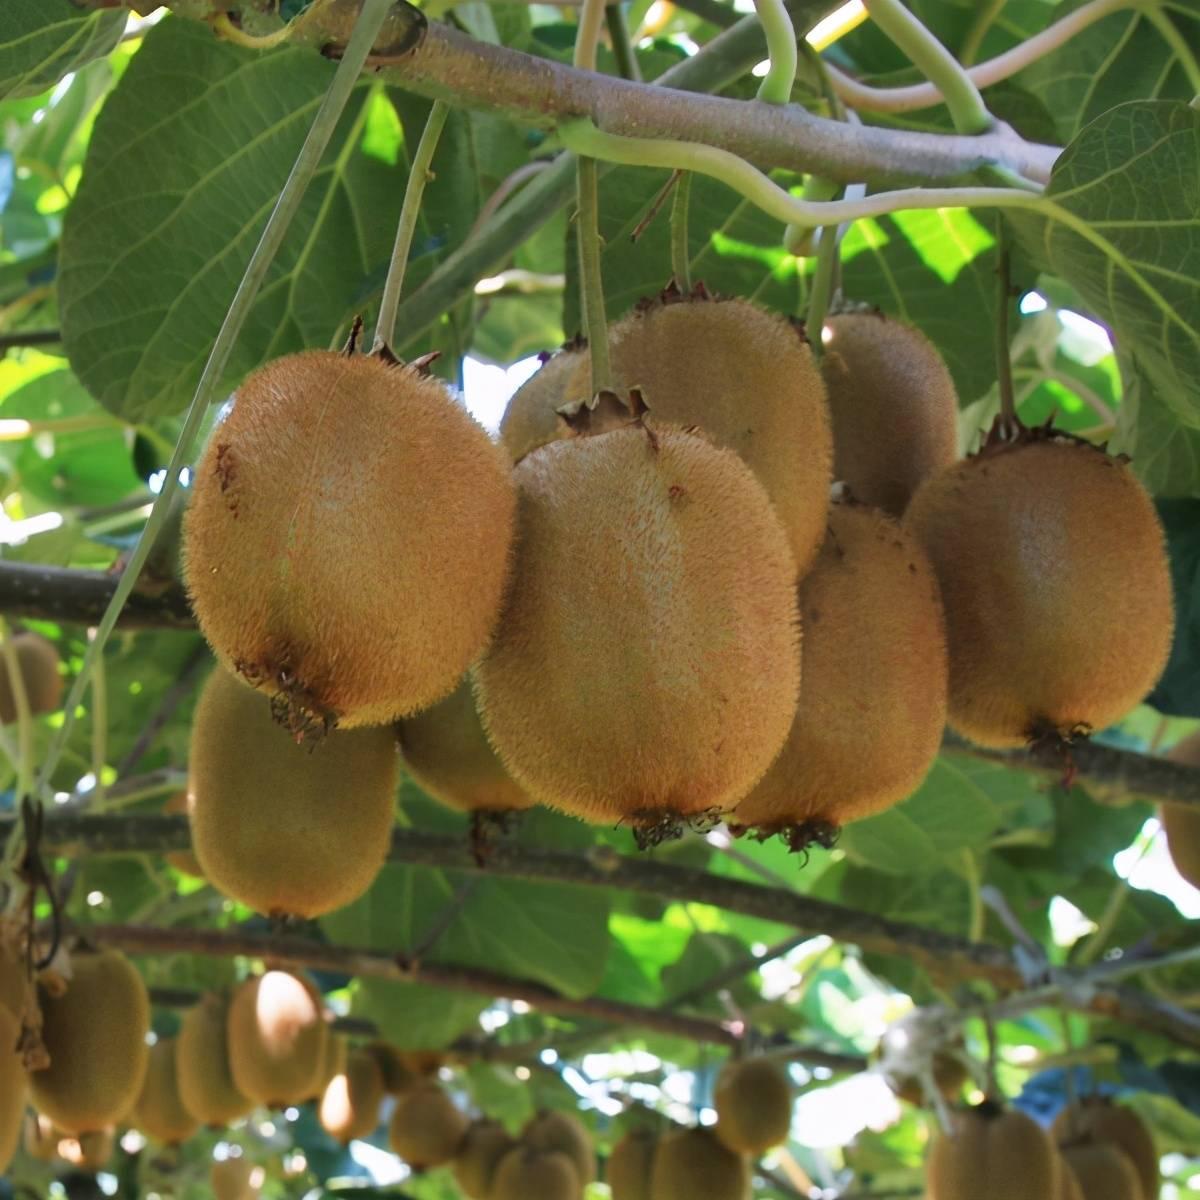 猕猴桃又叫奇异果吗?(最好的猕猴桃是哪种)